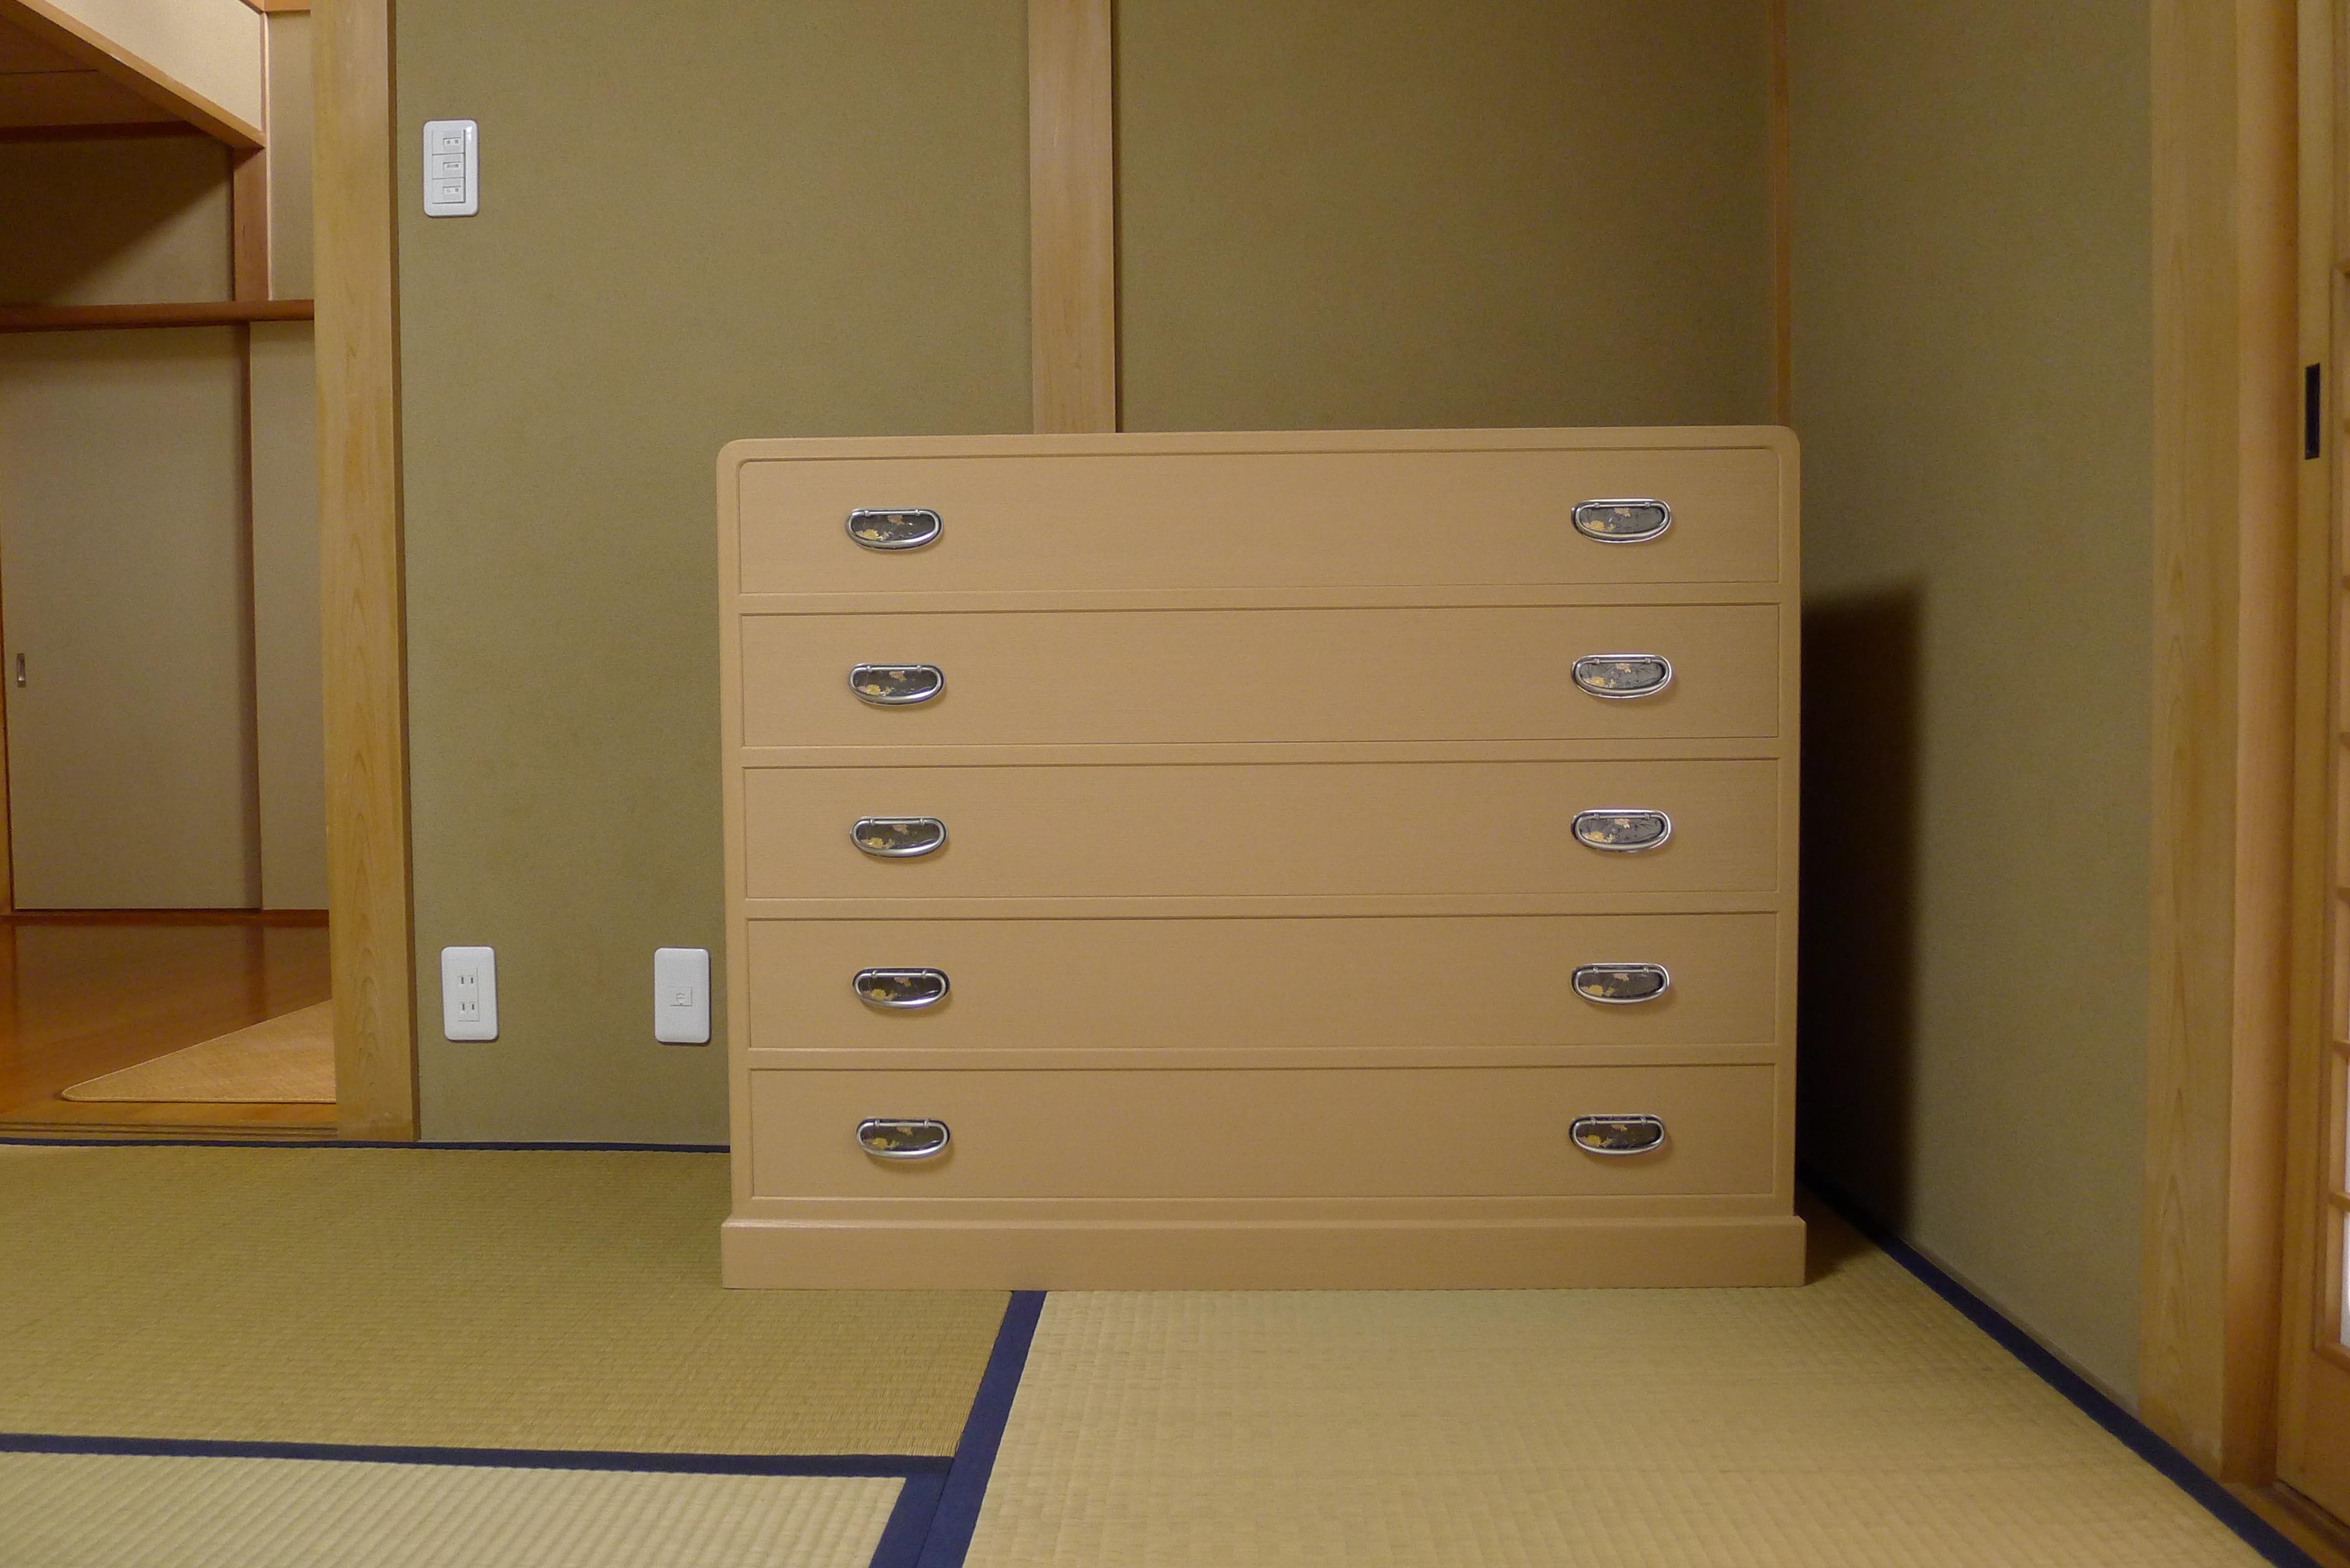 桐箪笥の納品事例 奈良県のM様に人気の桐たんすのお届け写真と動画です。